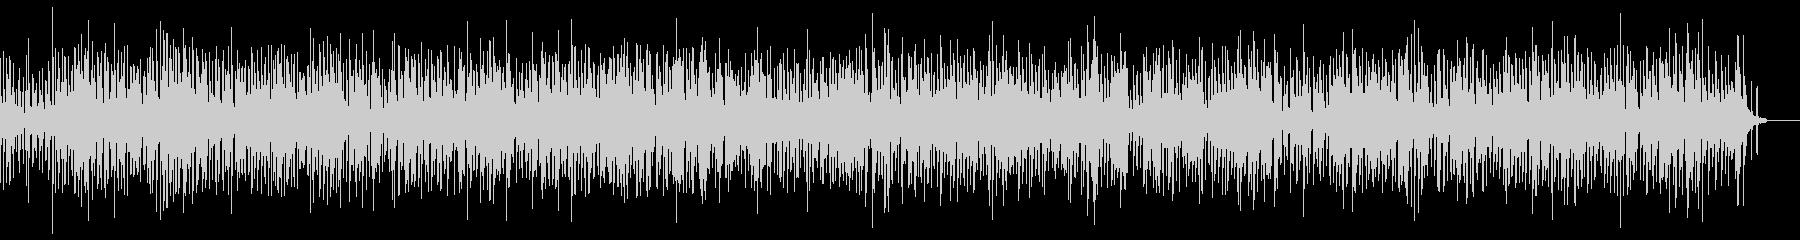 ピアノメロのスィングジャズの未再生の波形